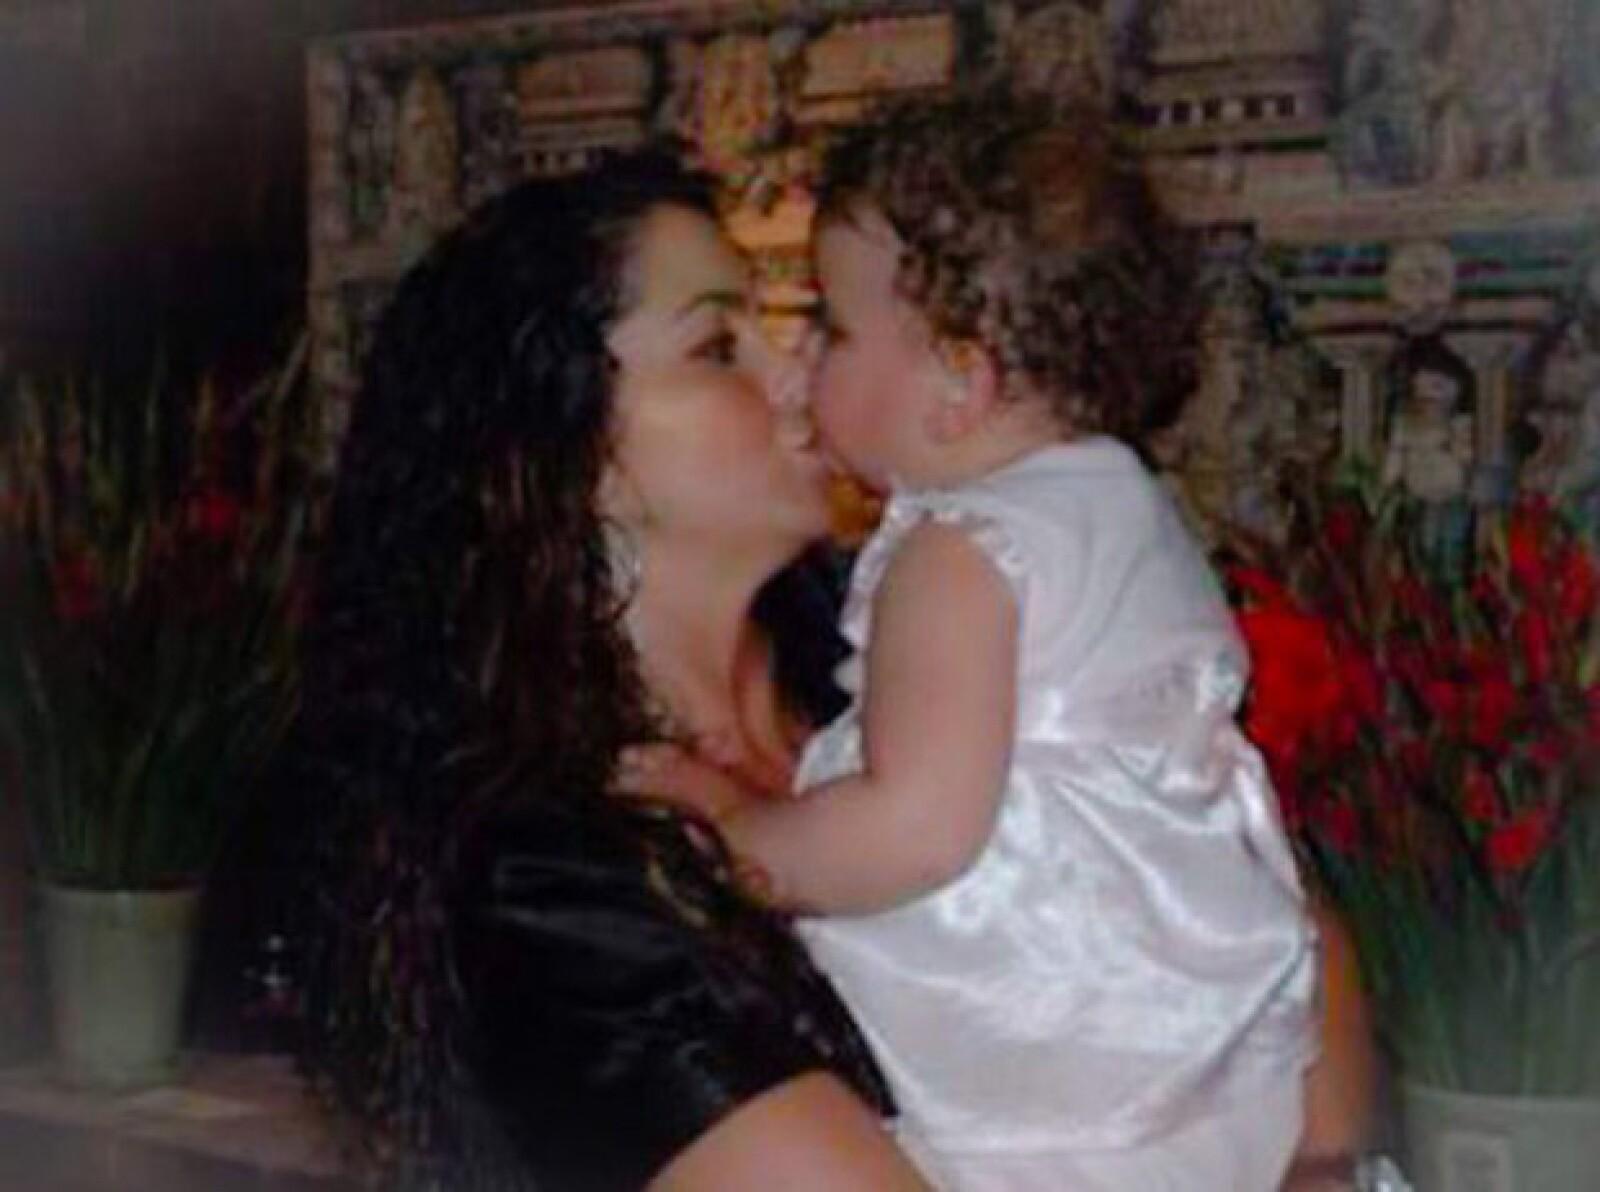 Con esta foto, Lucero acompañó el emotivo mensaje a su hija.